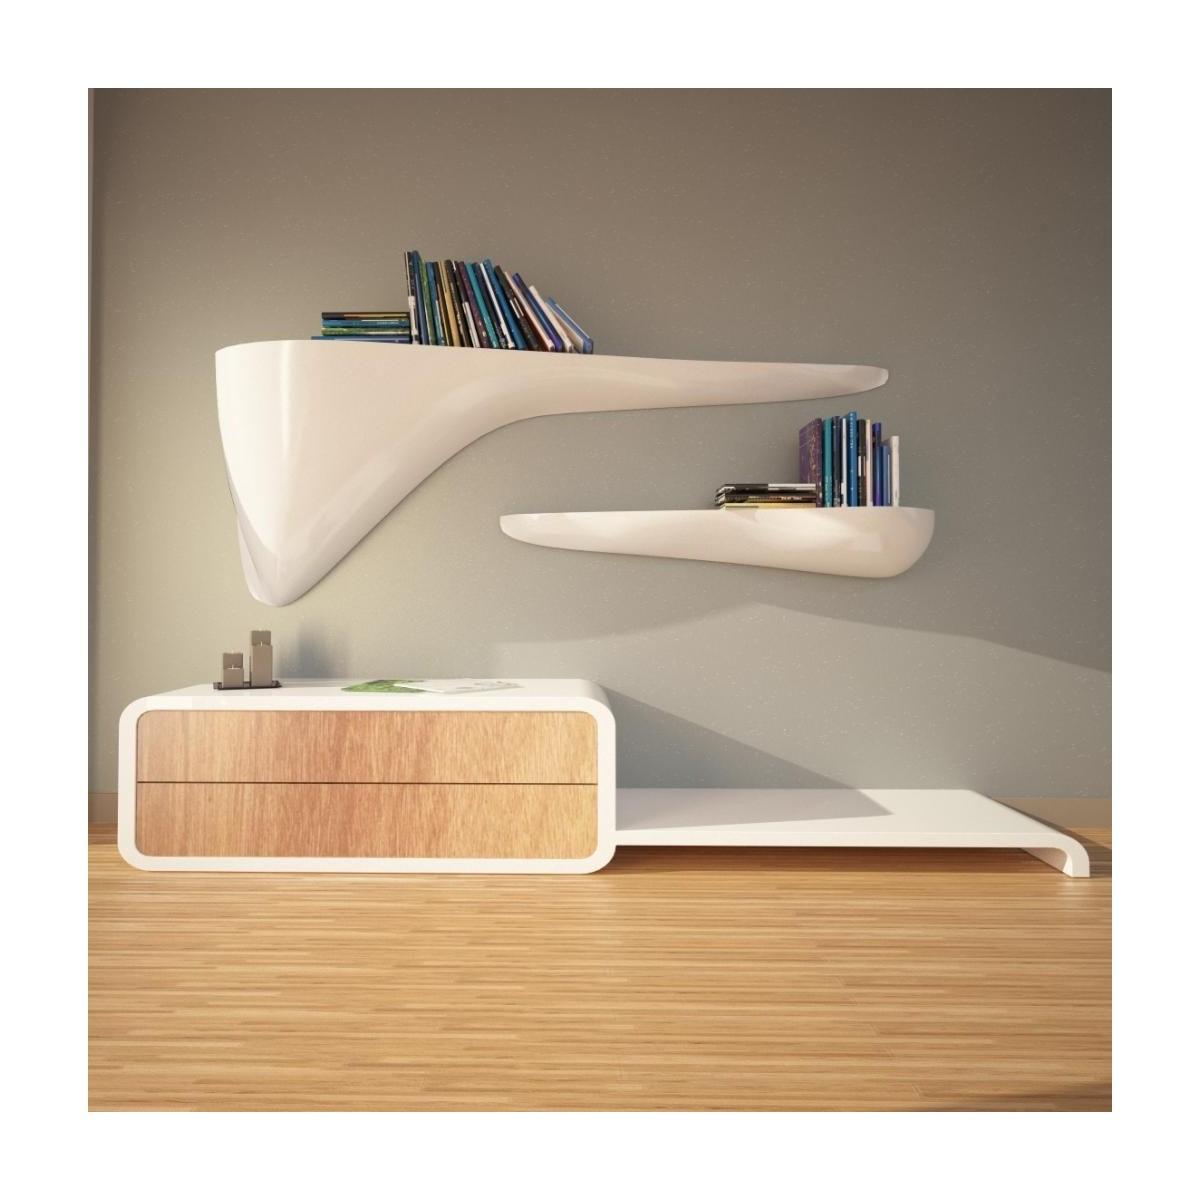 Popolare Mensole moderne design in legno metallo o vetro componibili e  DL58